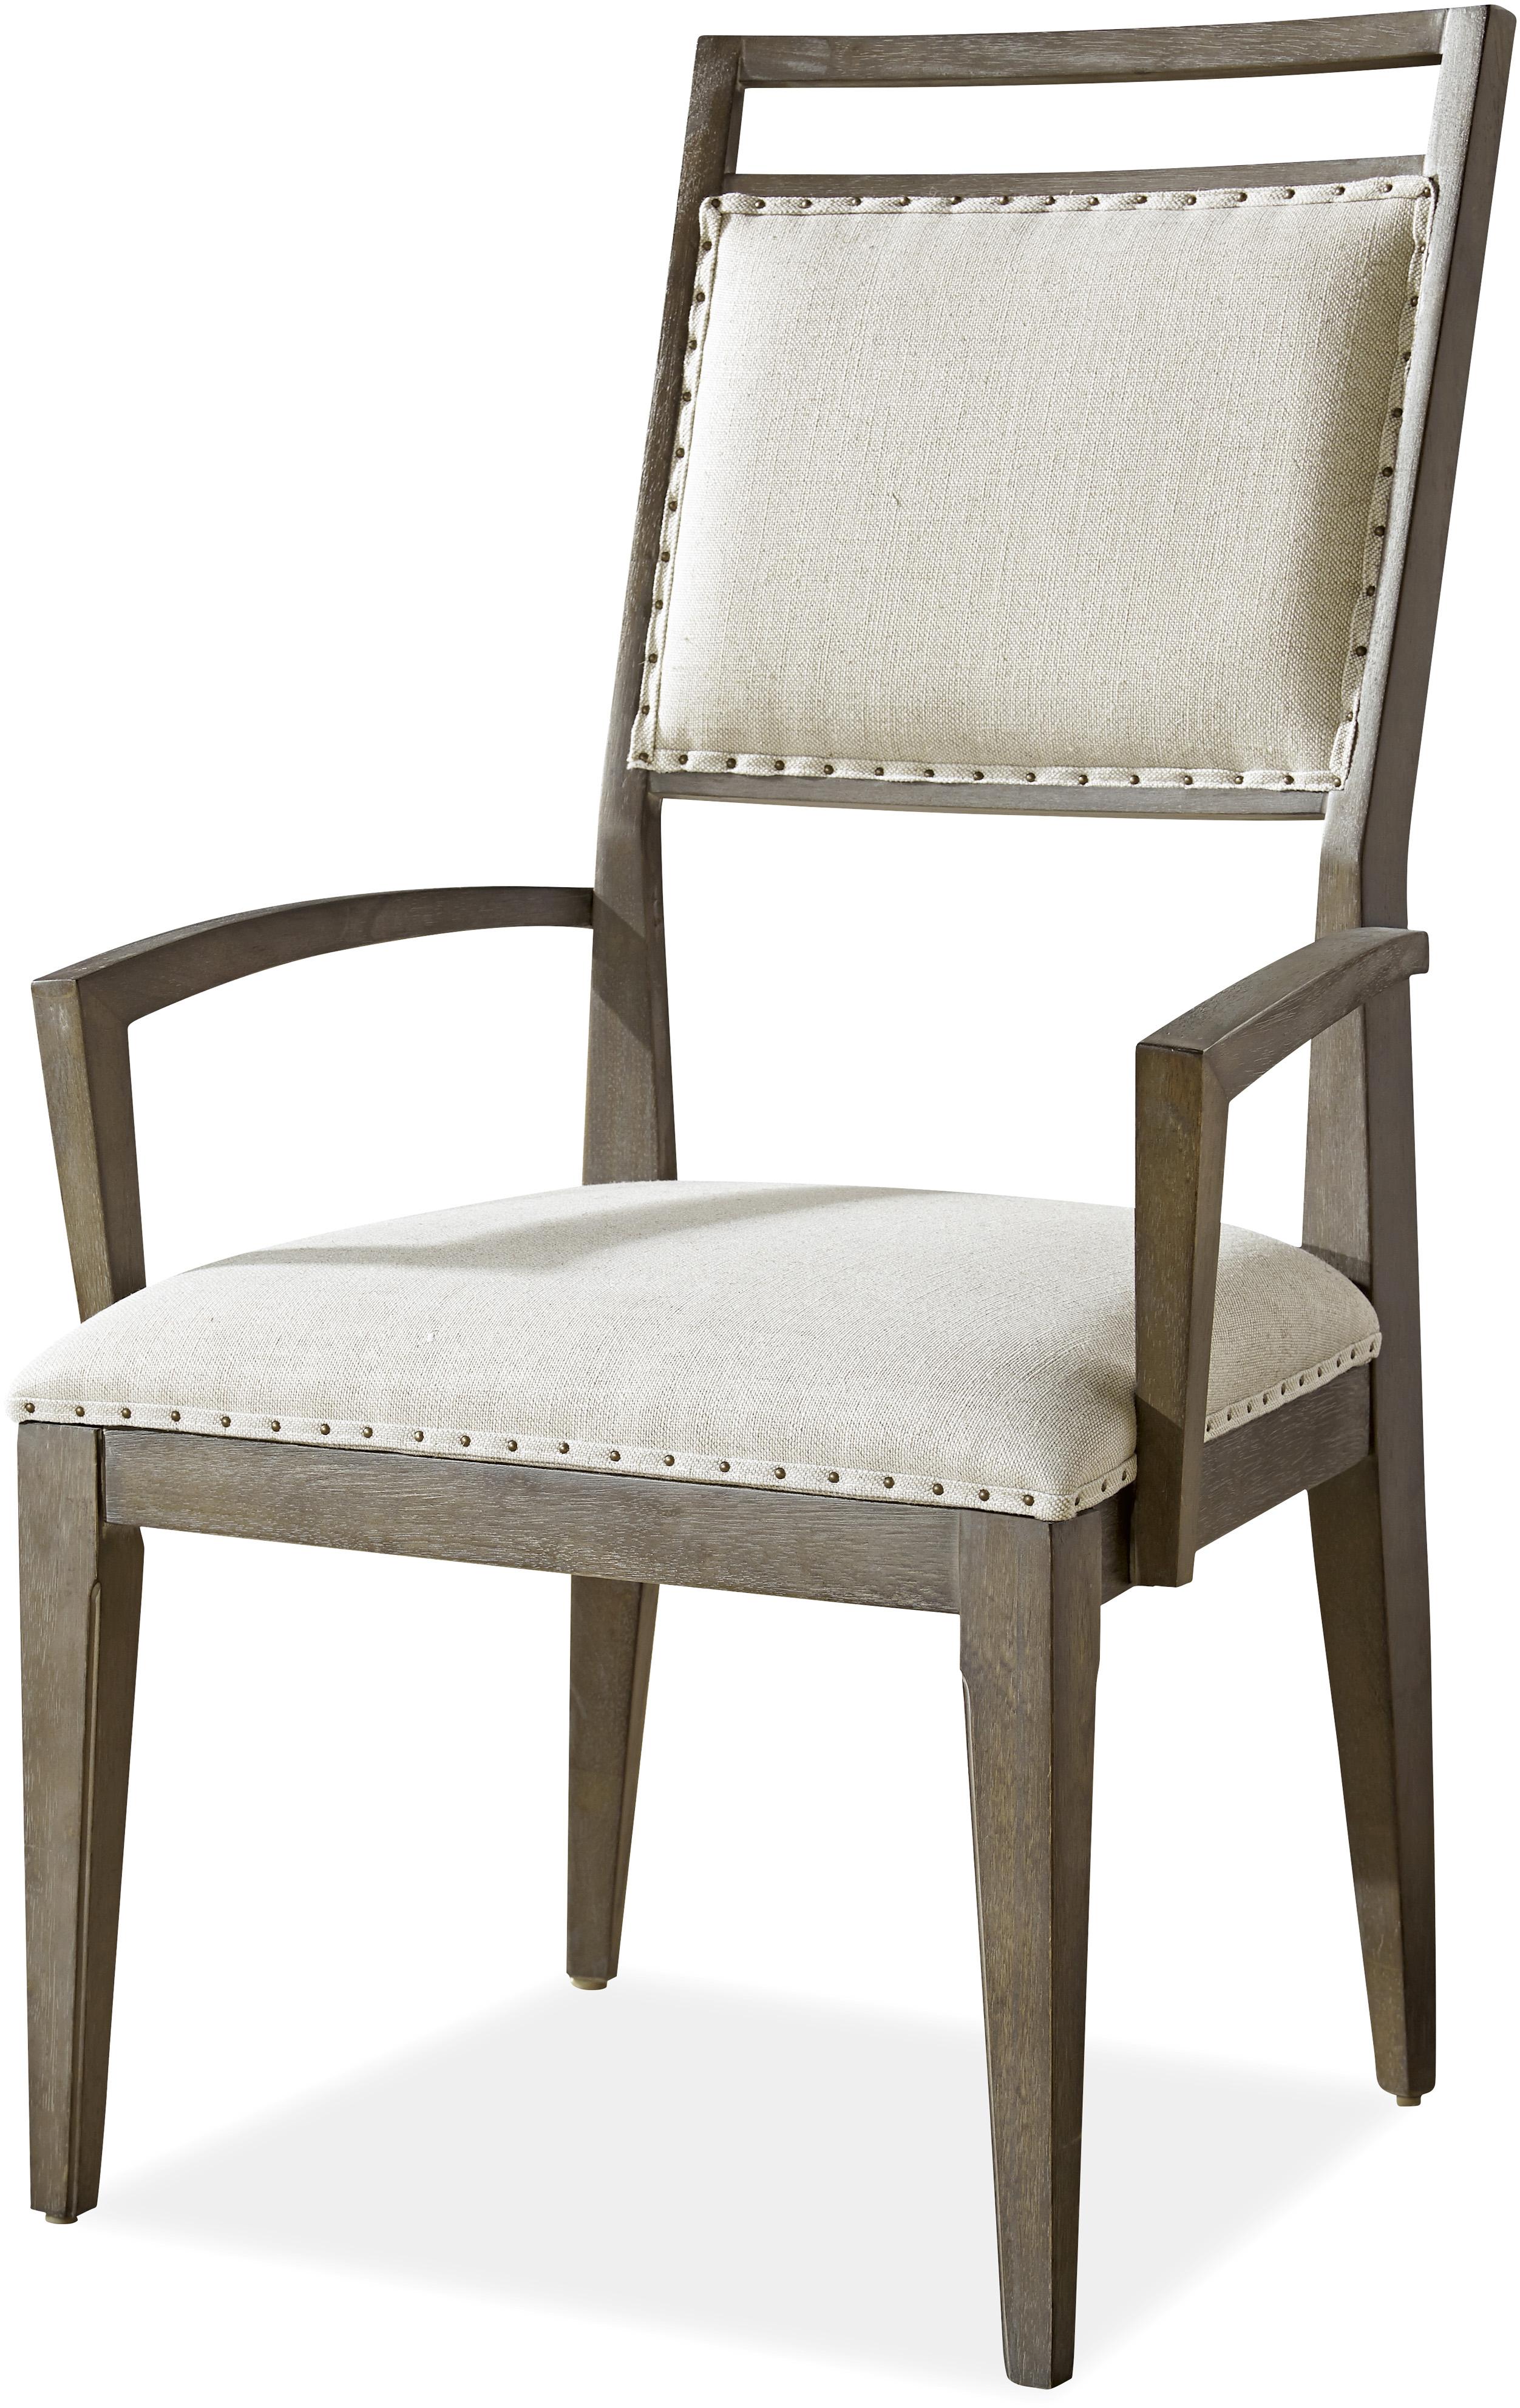 Wittman & Co. Platinum Platinum Dining Arm Chair - Item Number: 507635-RTA